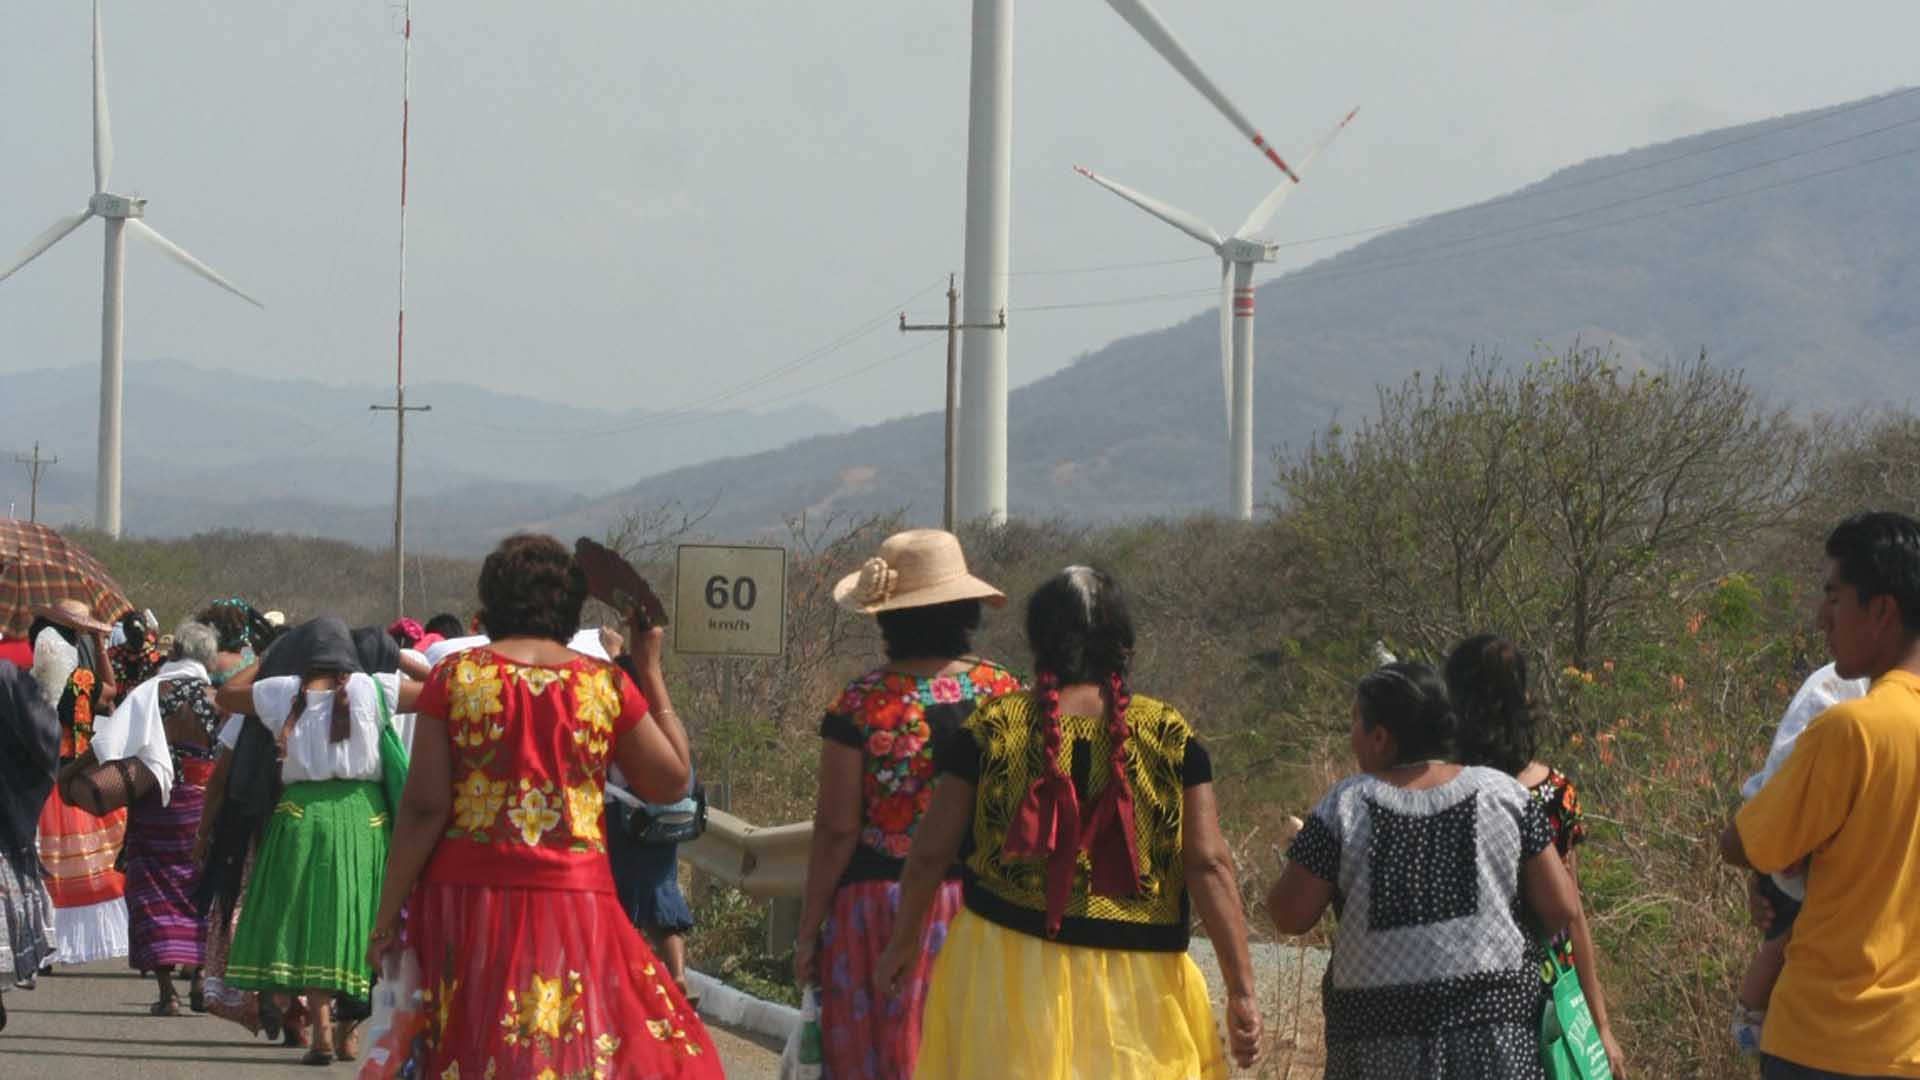 Sener quiere desarrollar las energías renovables en México (eólica, geotérmica, termosolar y fotovoltaica)